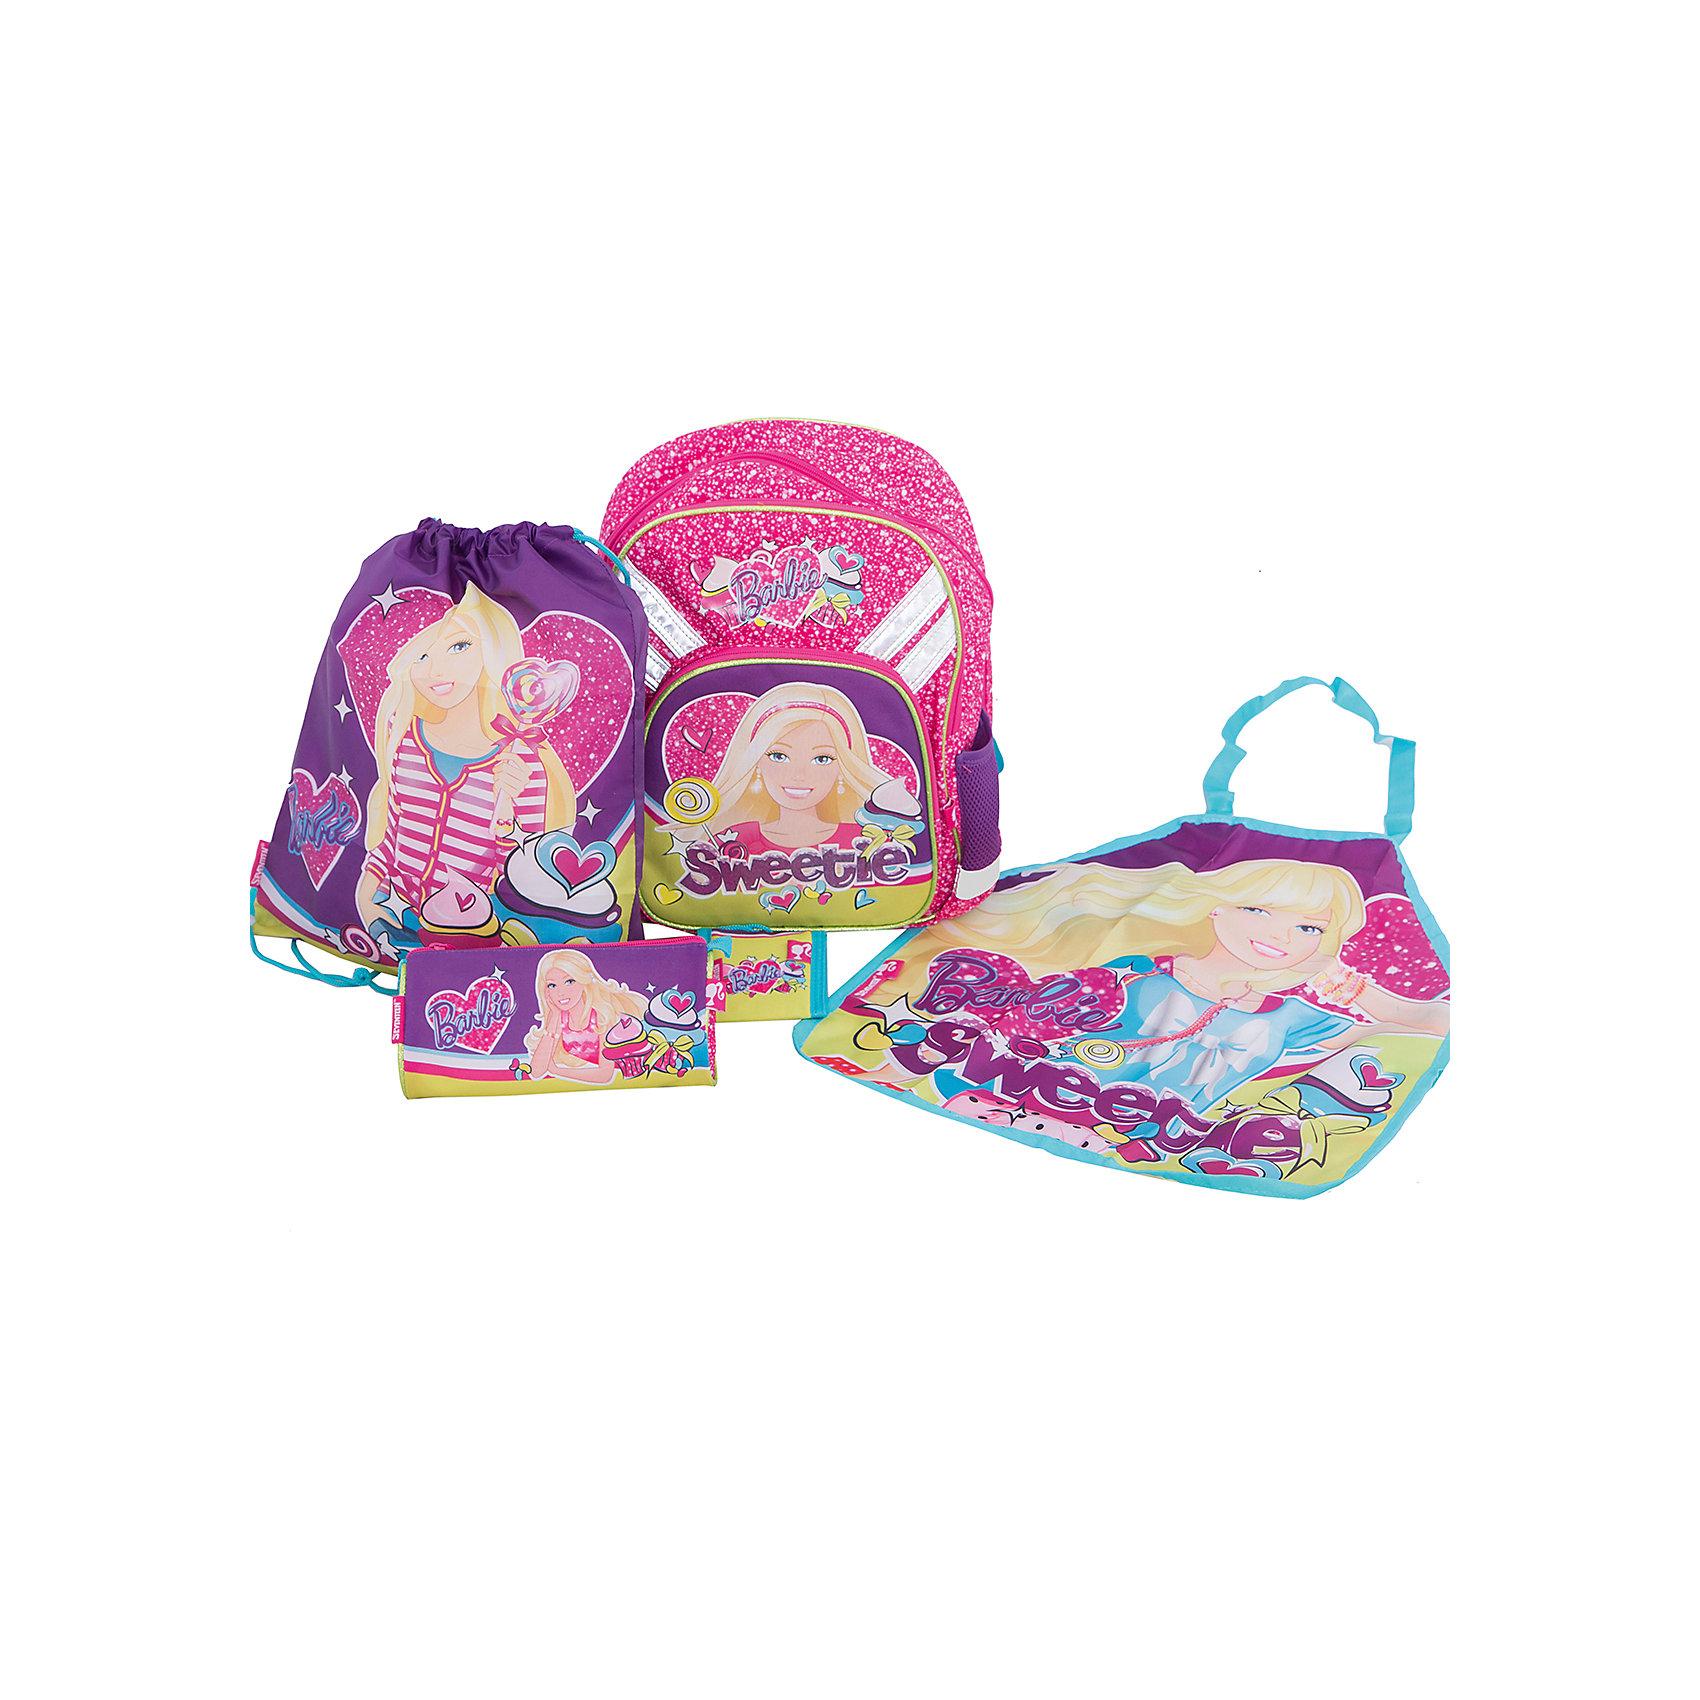 Академия групп Школьный набор Barbie (Эргономичный ранец, мешок для обуви, пенал, фартук, кошелек) мешок для обуви академия групп transformers 43 34см trbb ut1 883